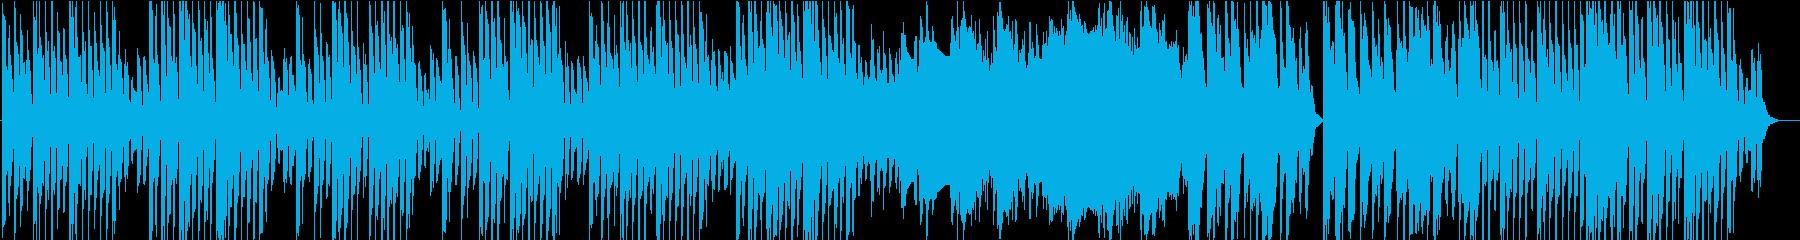 幻想的でミステリアスなファンタジーの再生済みの波形